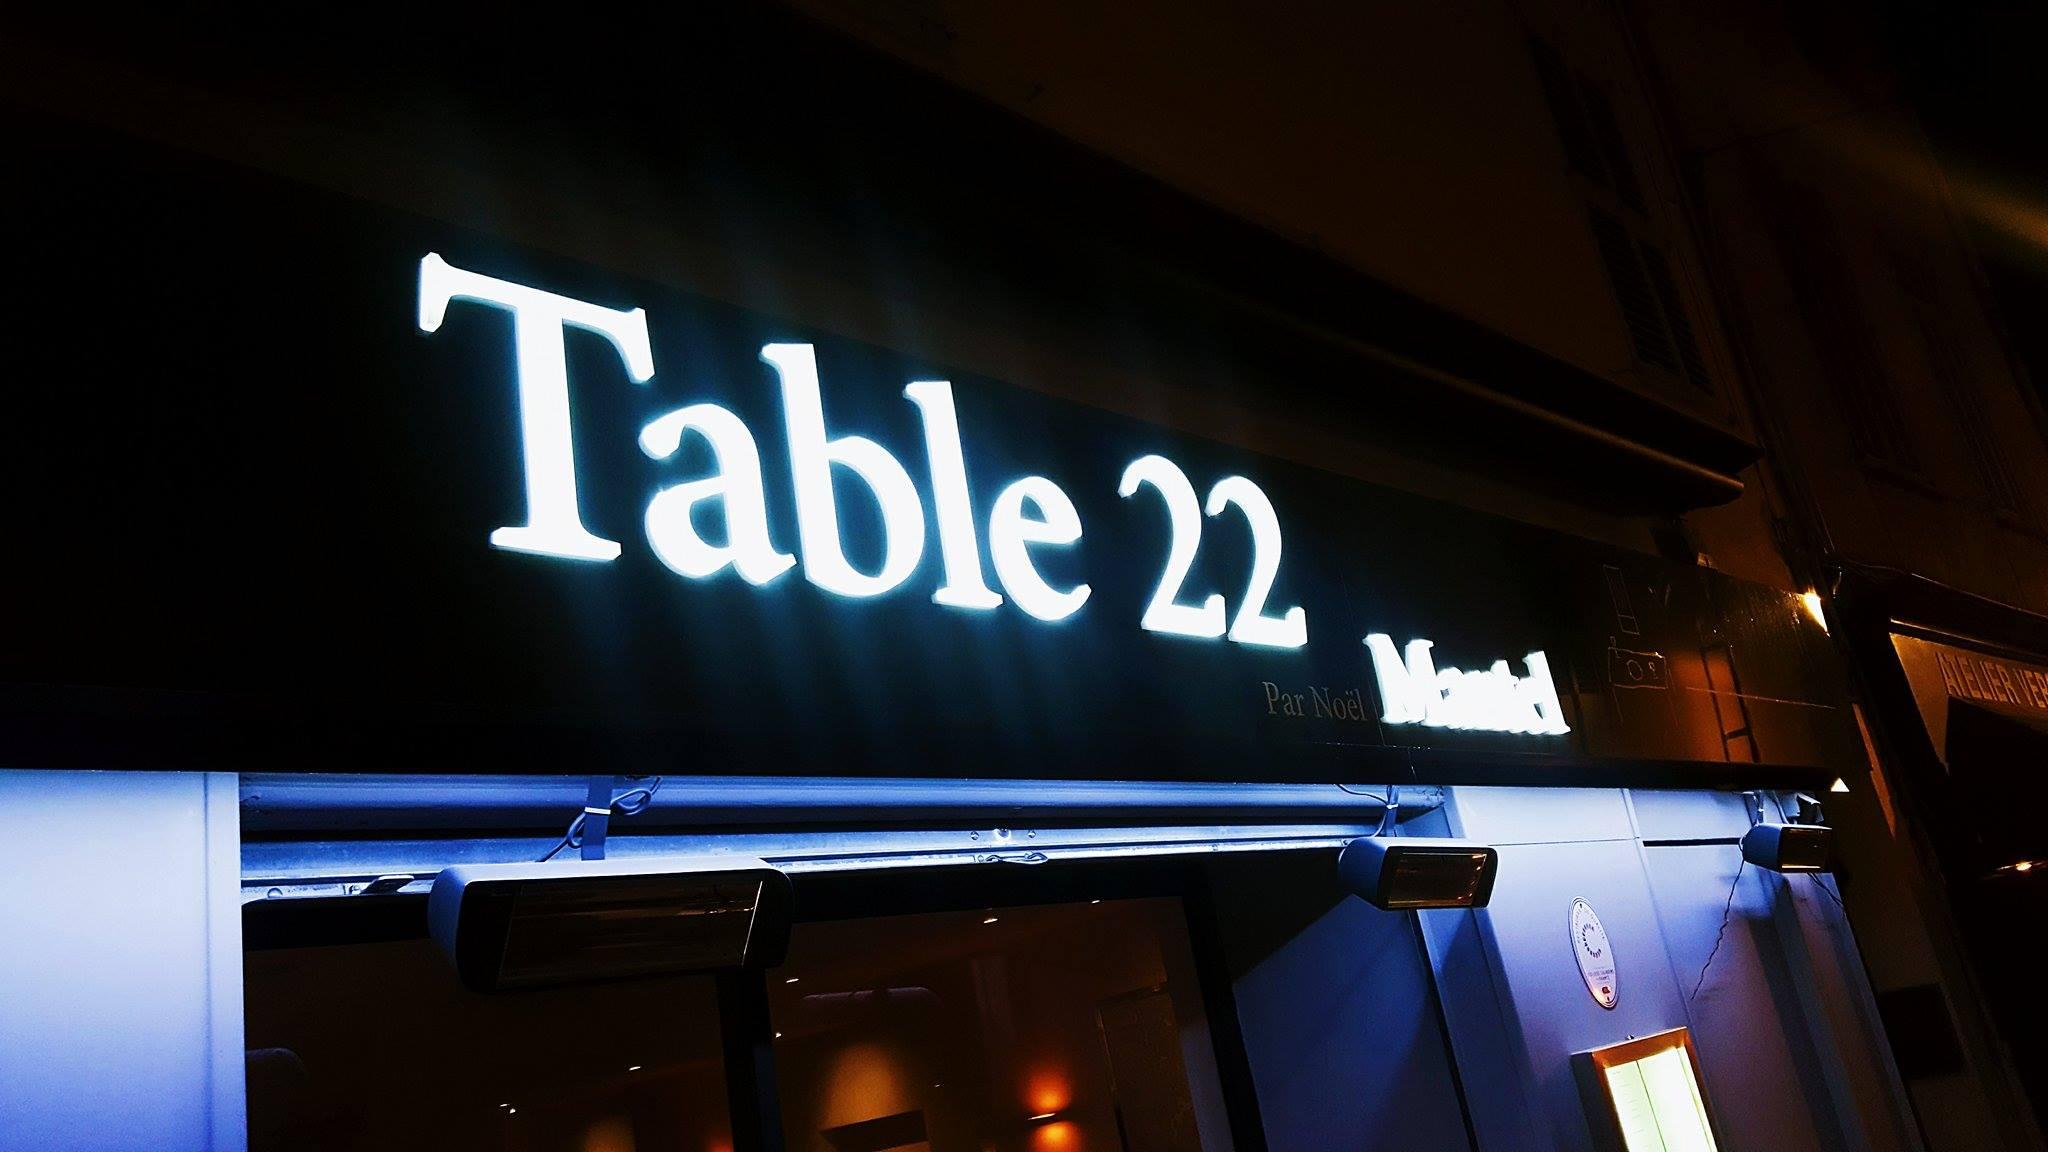 table-22-suquet